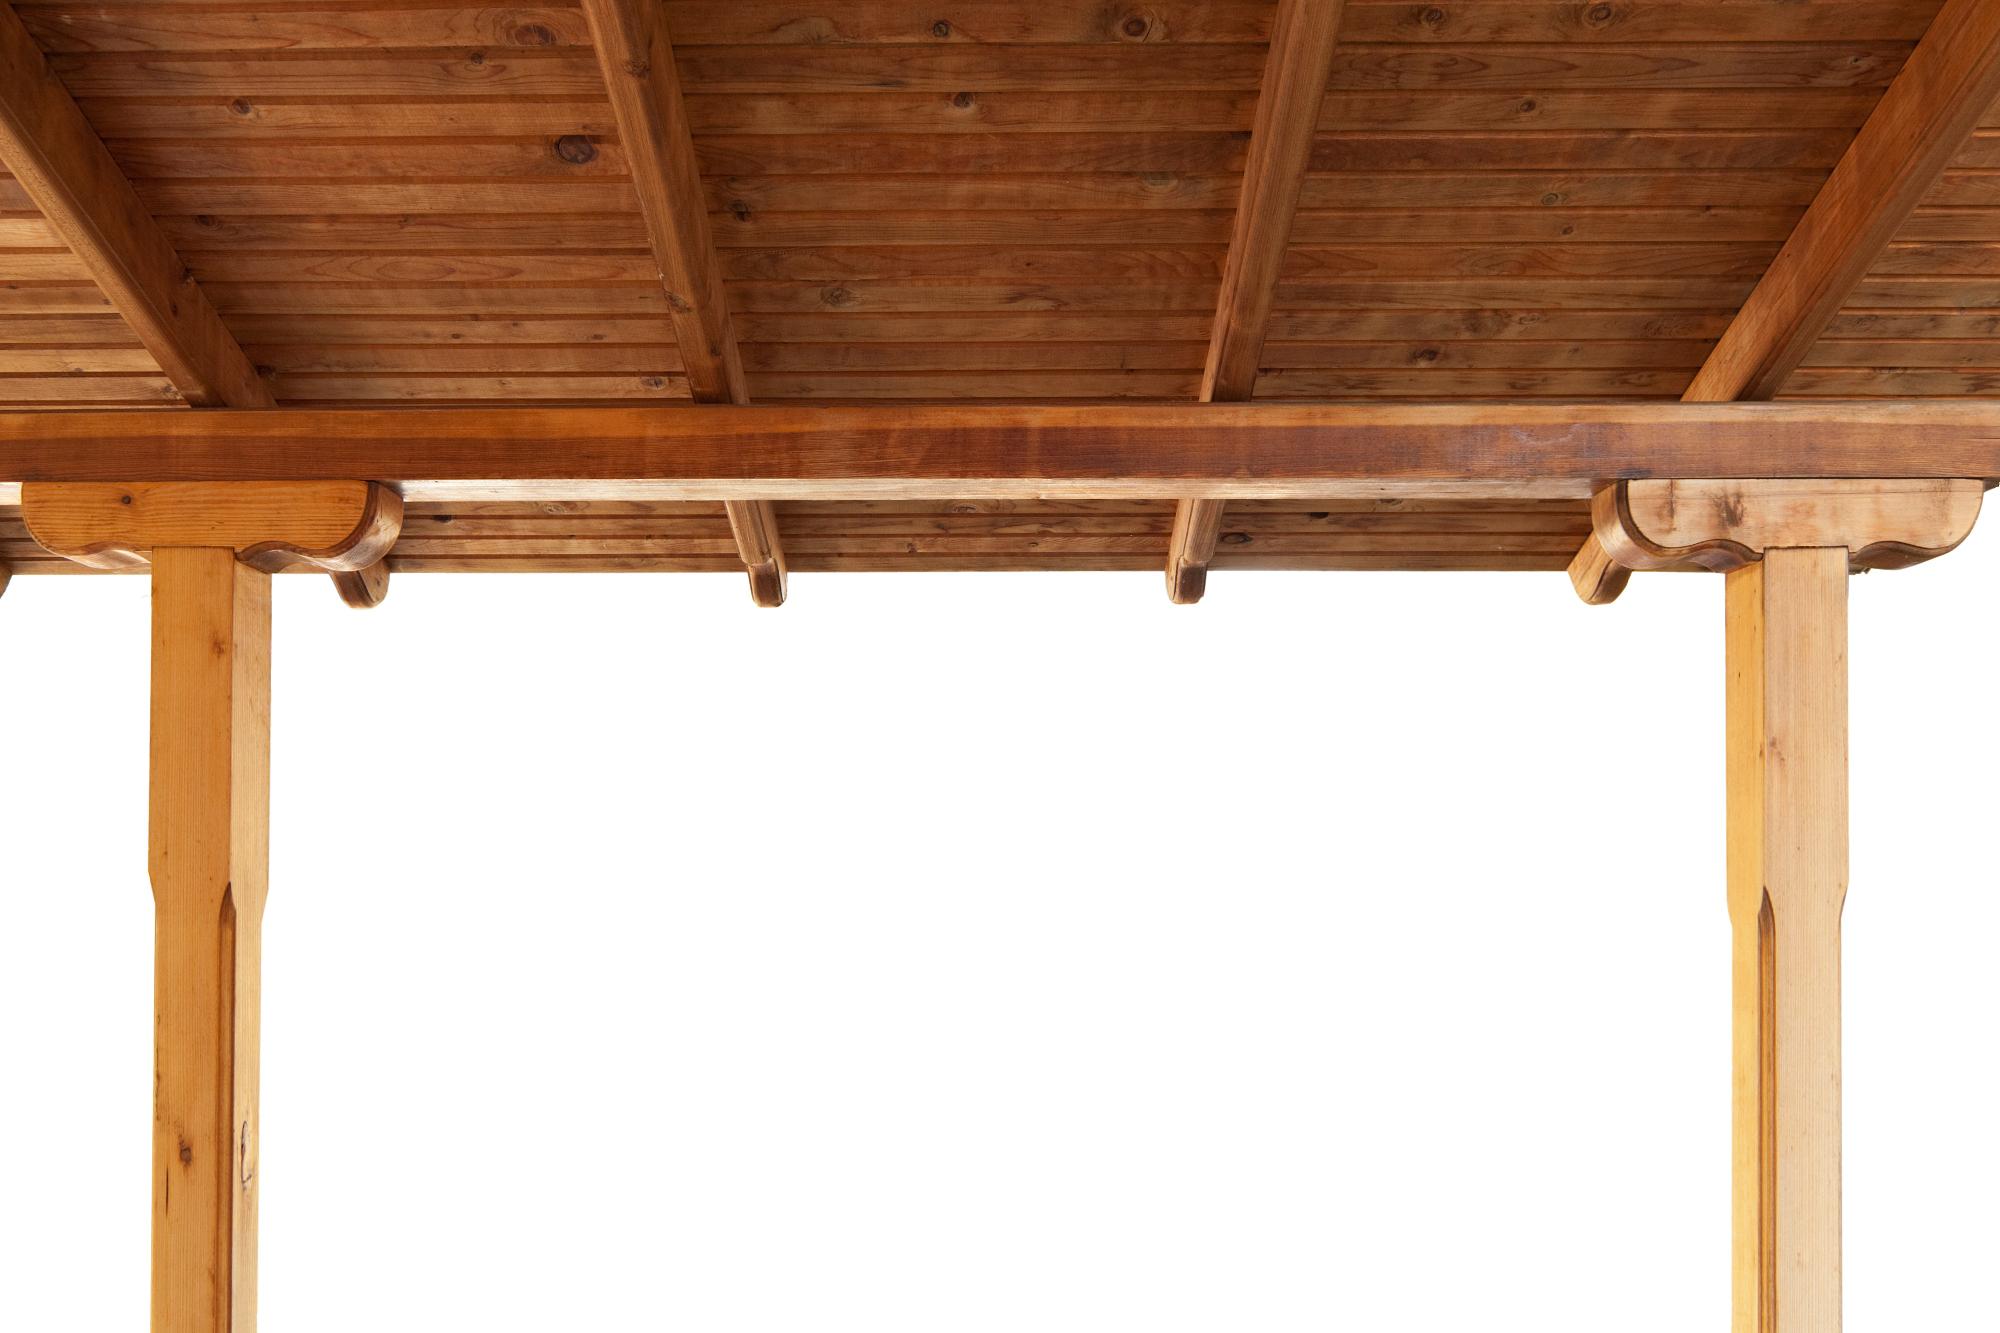 Welche Und Wie Viele Stutzen Benotigt Eine Terrassenuberdachung